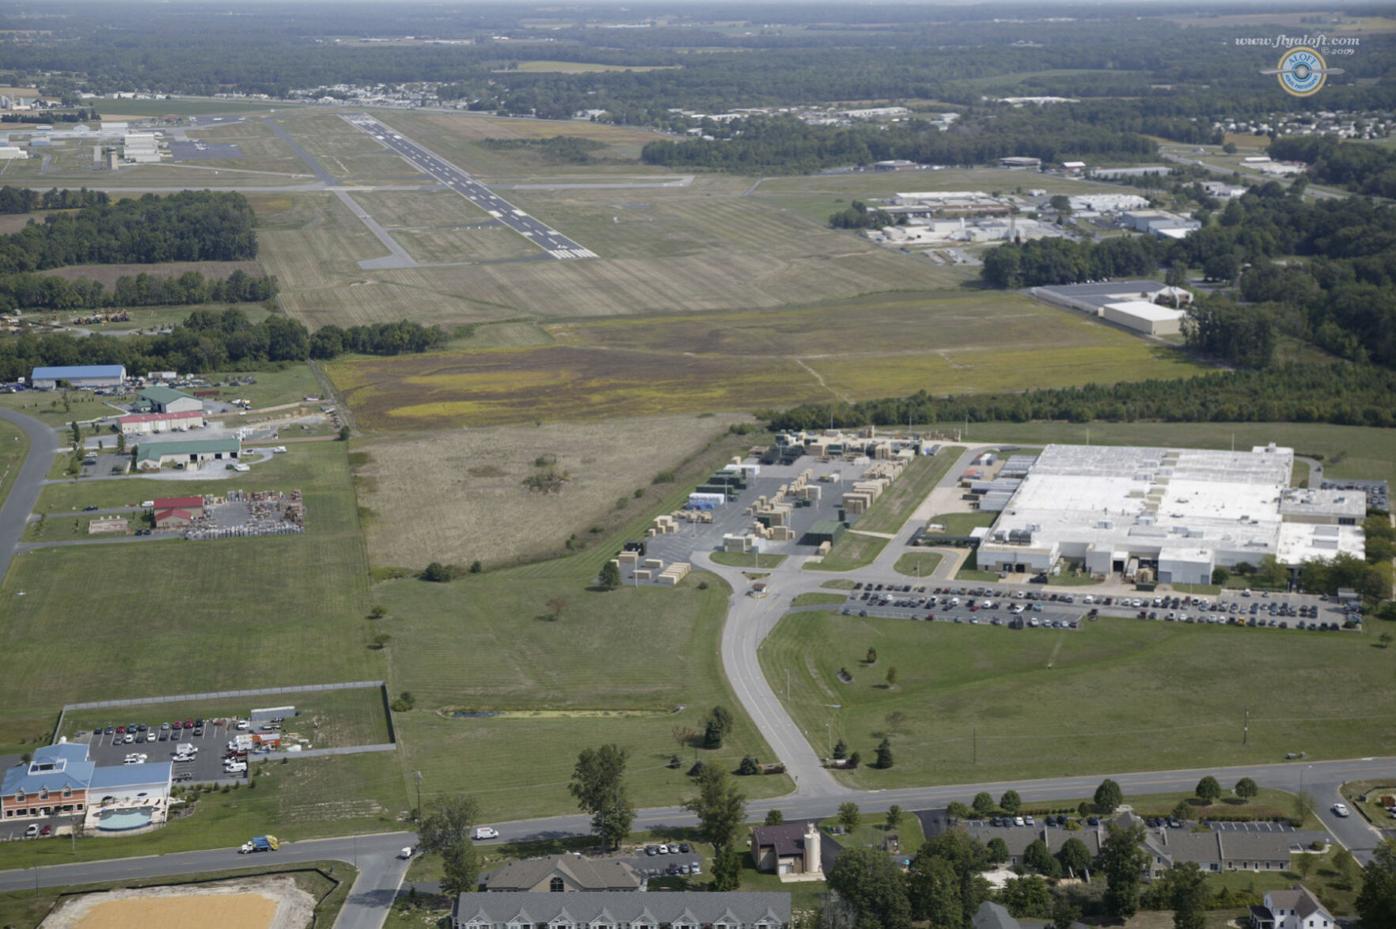 Airport Runway 2